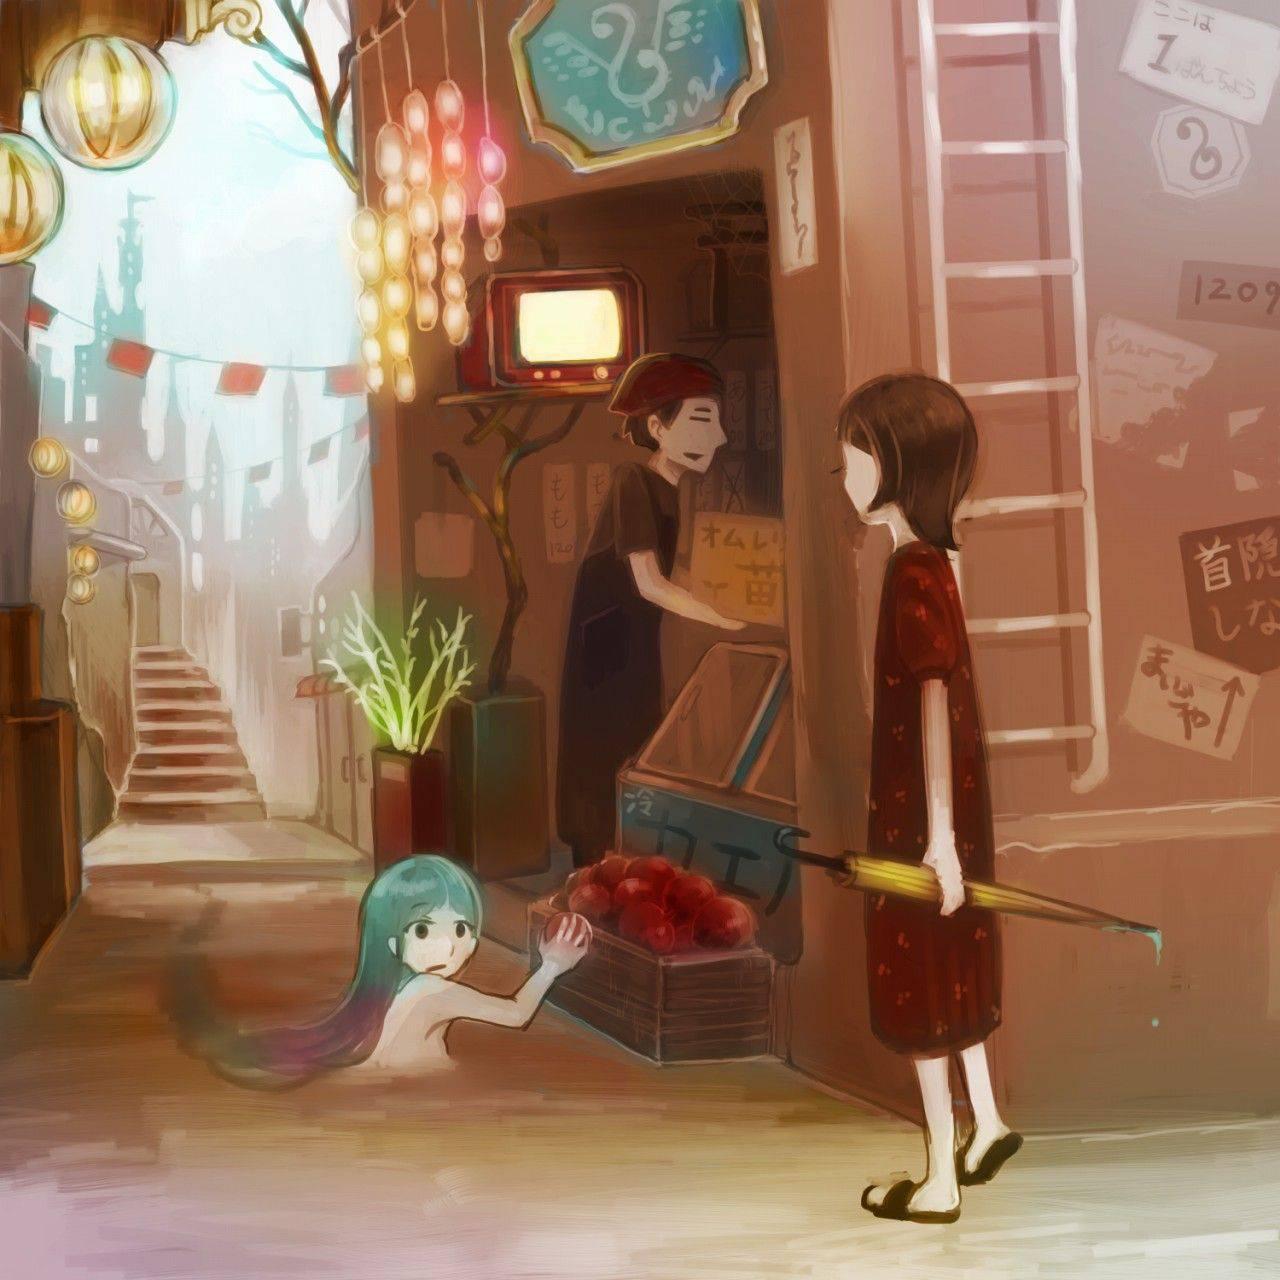 【お盆だから】幽霊女子達の二次エロ画像【八尺様もいるよ!】【18】